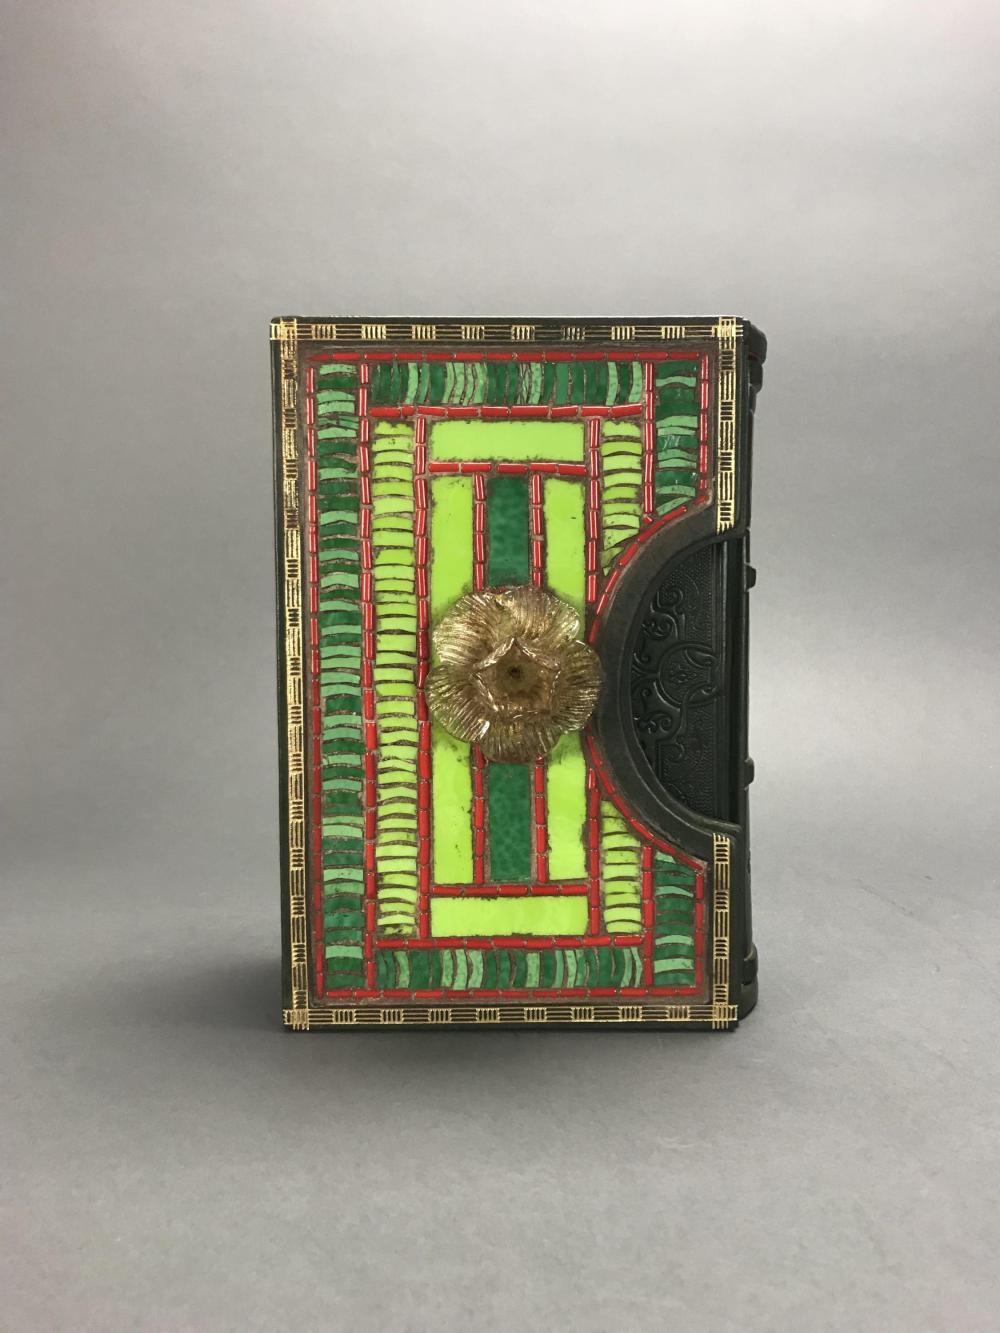 2 vols incl.The Queen of the Adriatic. Custom Case